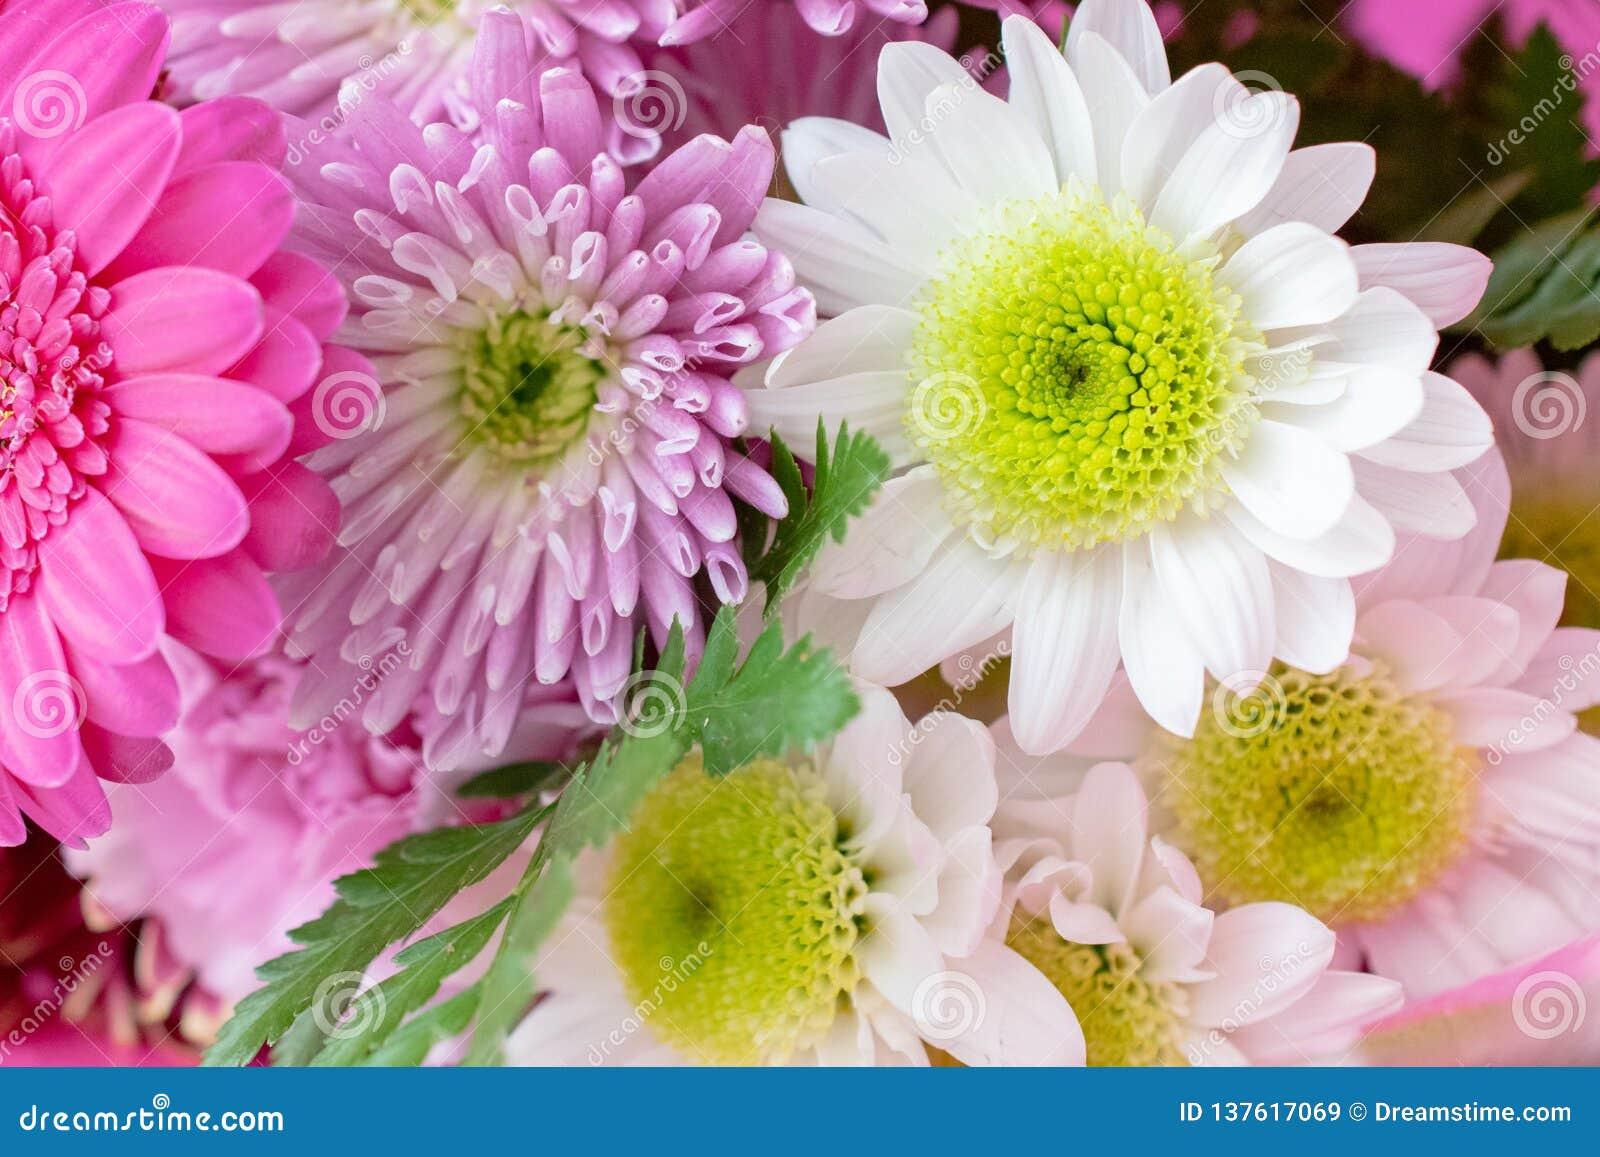 Ramalhete ascendente próximo da flor em um envoltório cor-de-rosa